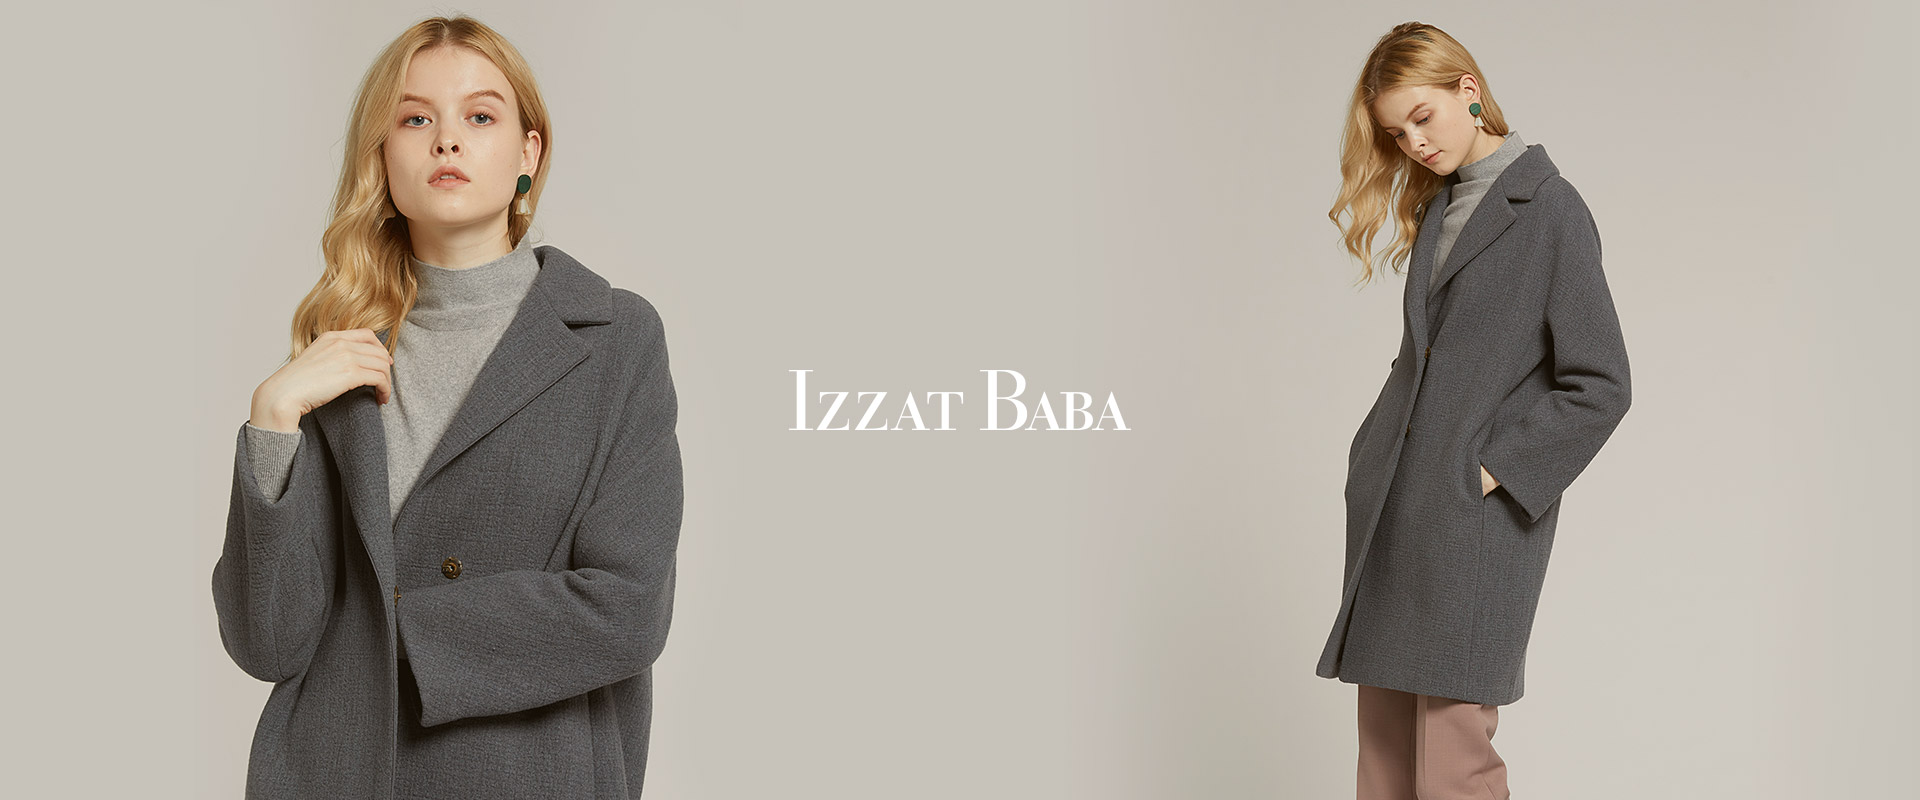 IZZAT BABA, 아이잗 바바, 바바패션,아이잗,바바,패션